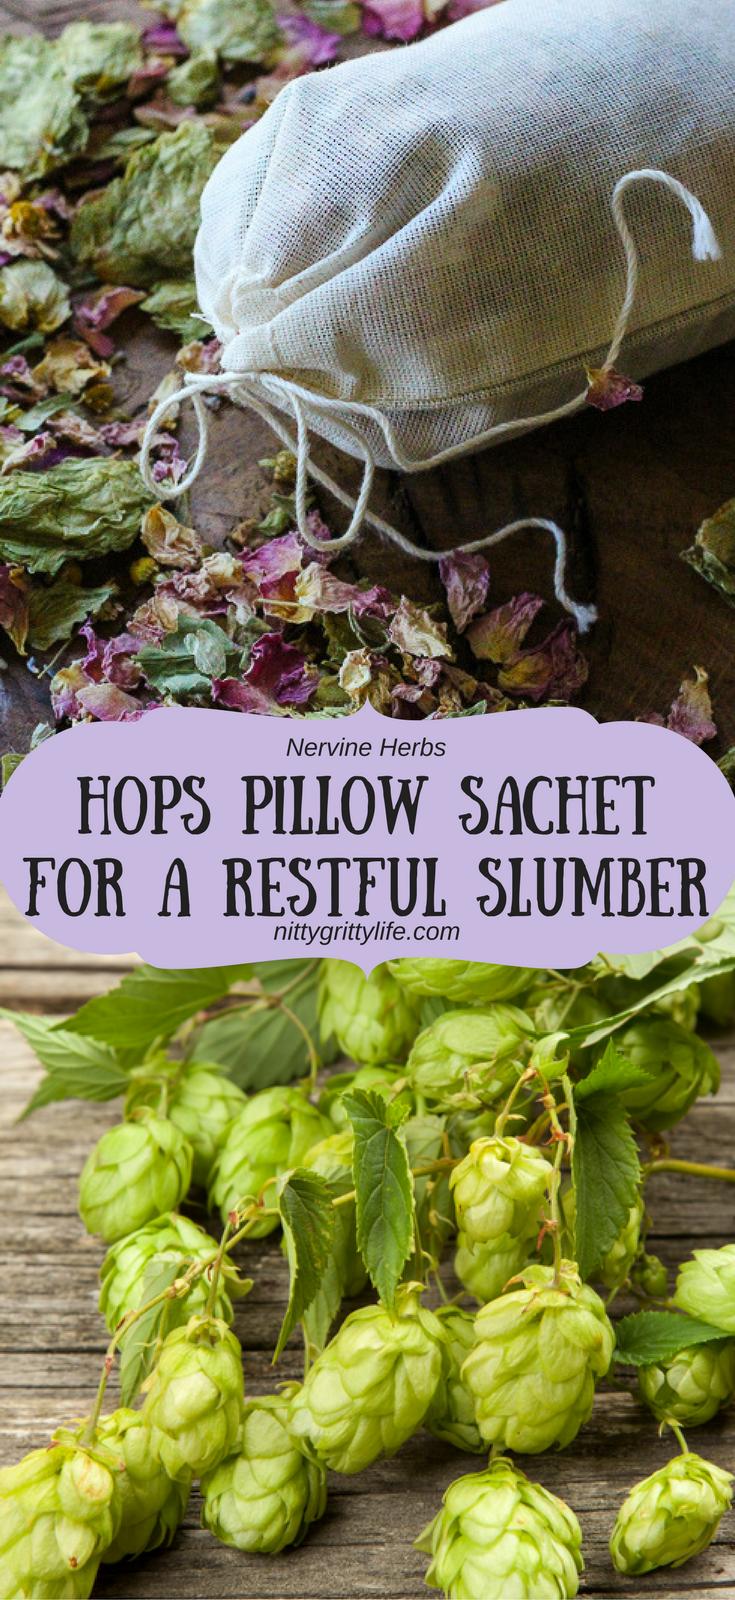 hops pillow sachet for a restful slumber